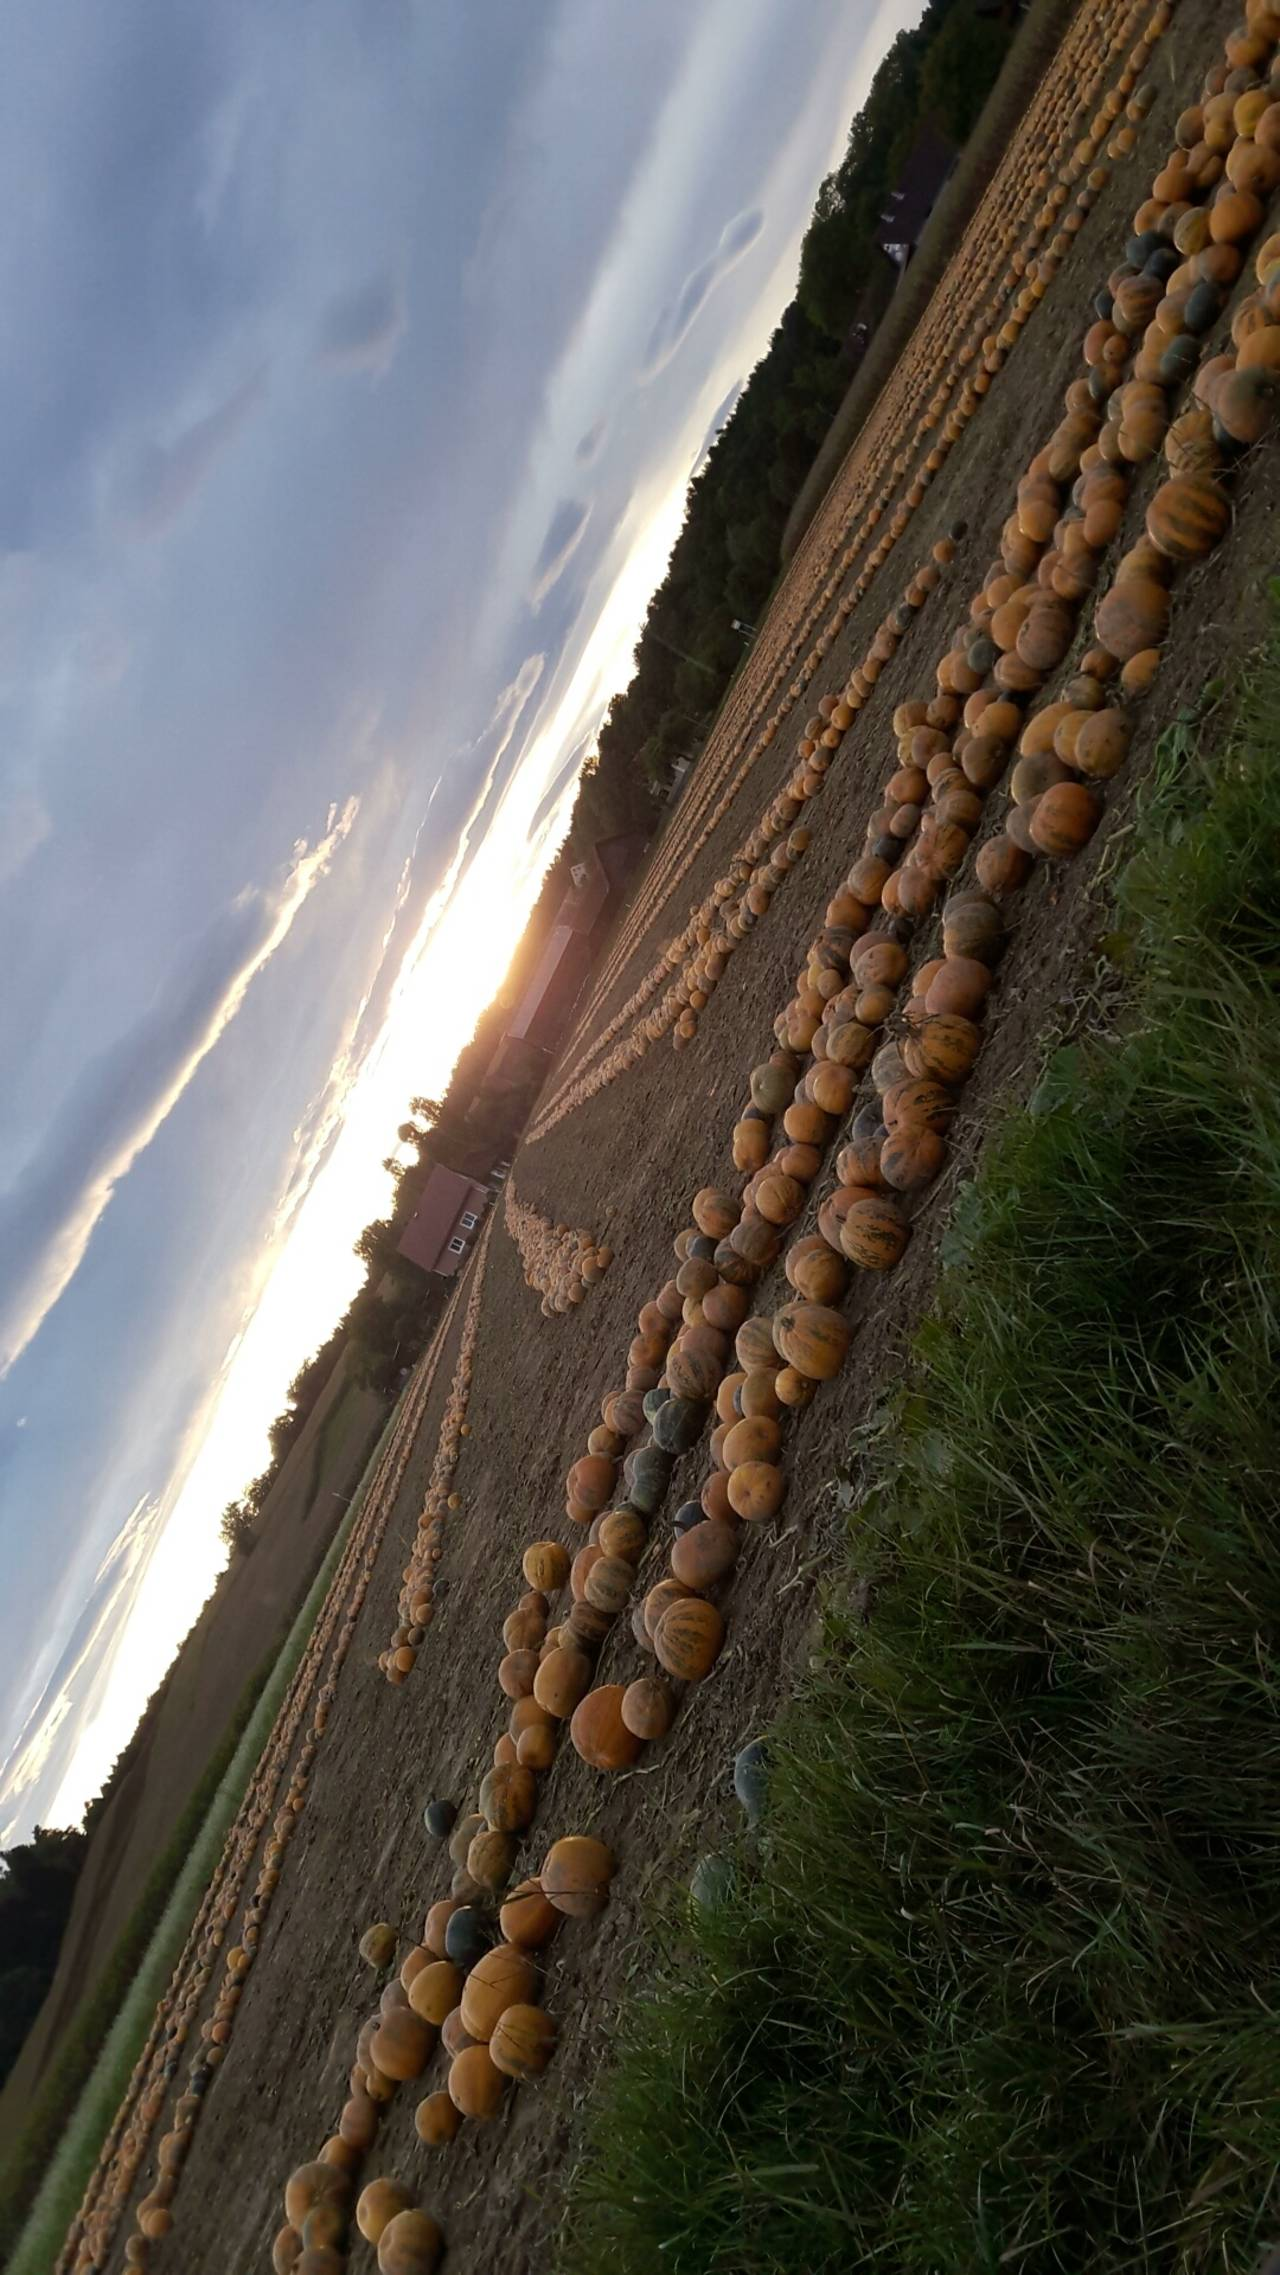 Kürbisse in voller Pracht bei Sonnenuntergang